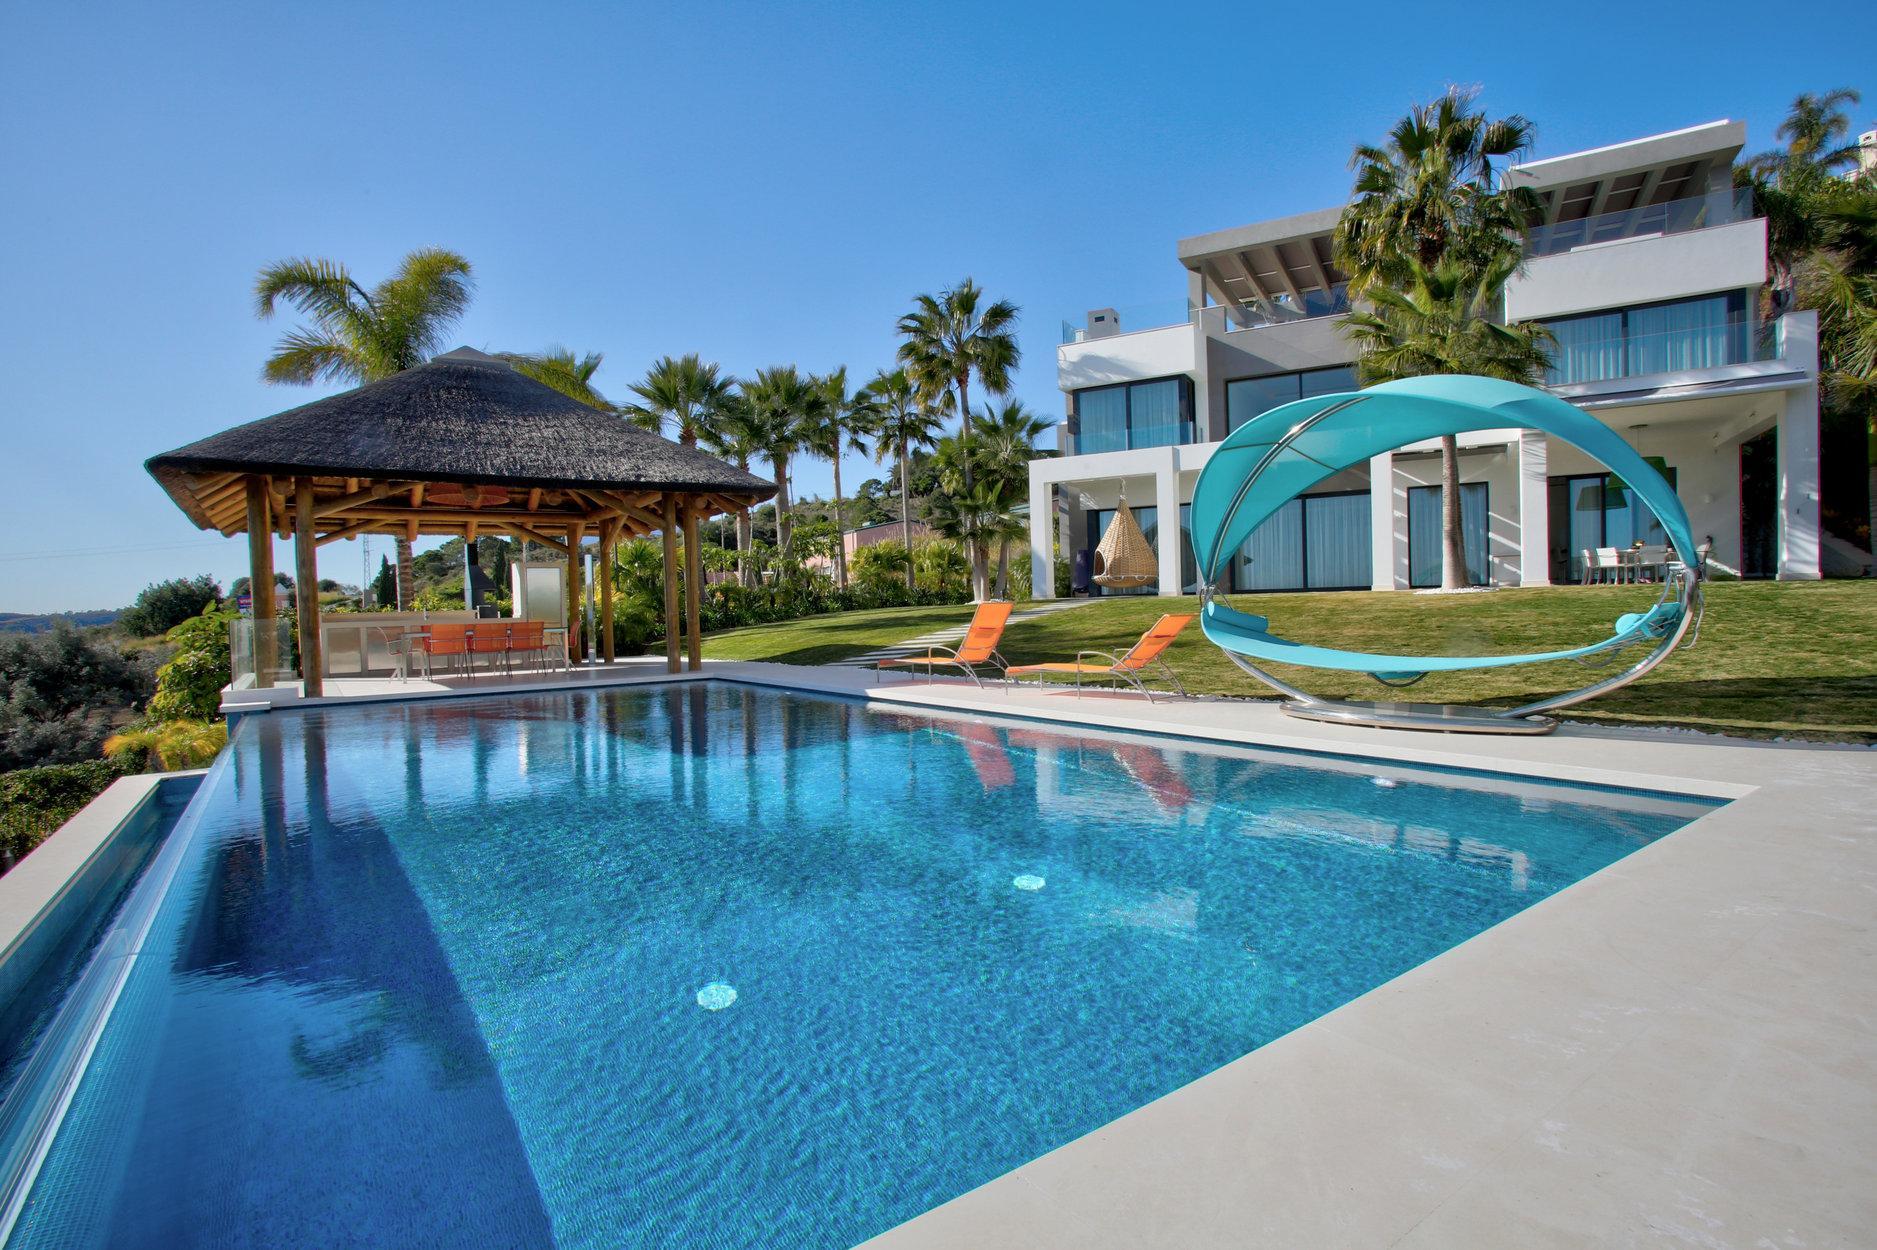 Villa Tee 5 Los Flamingos, Benahavis